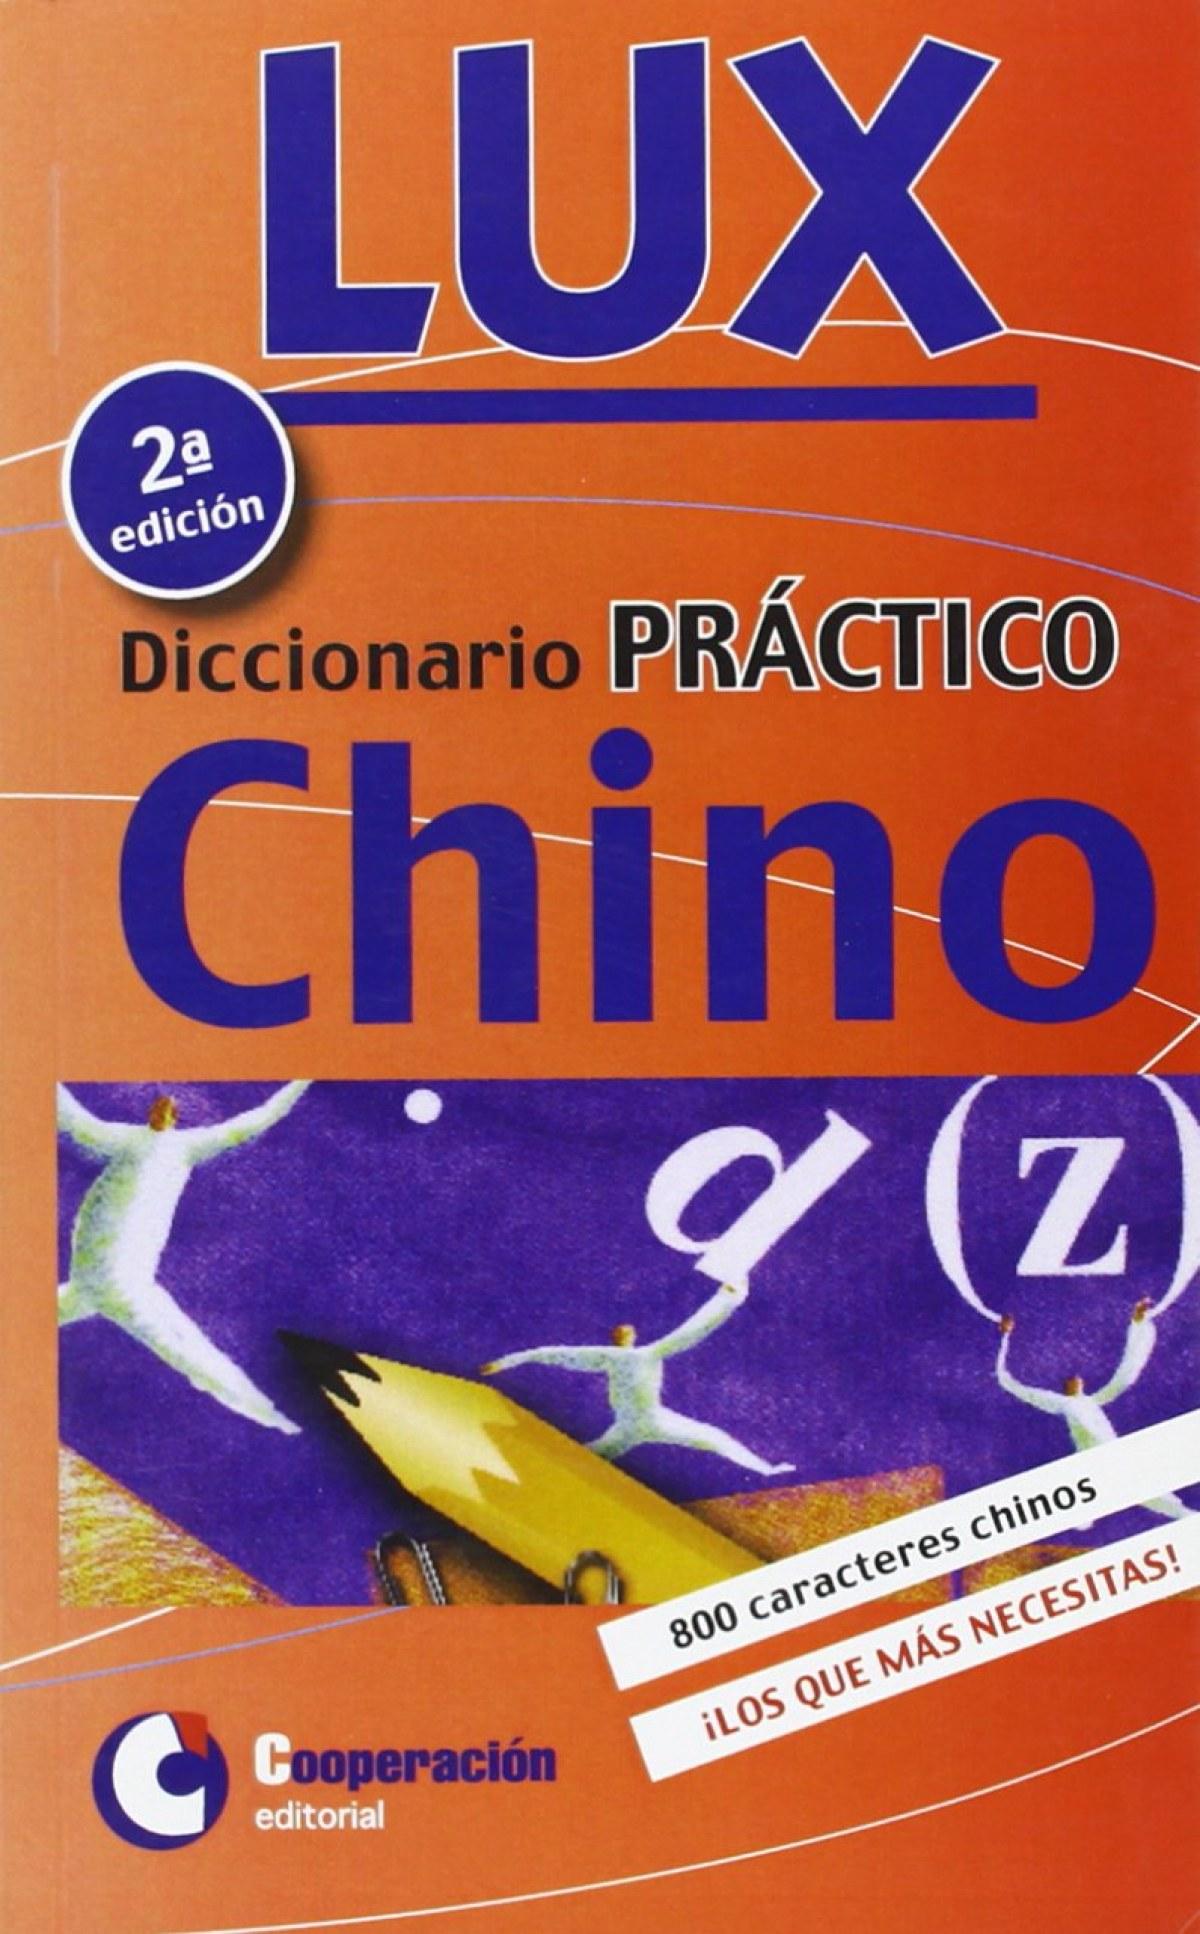 Diccionario práctico lux Chino-Español 9788495920522